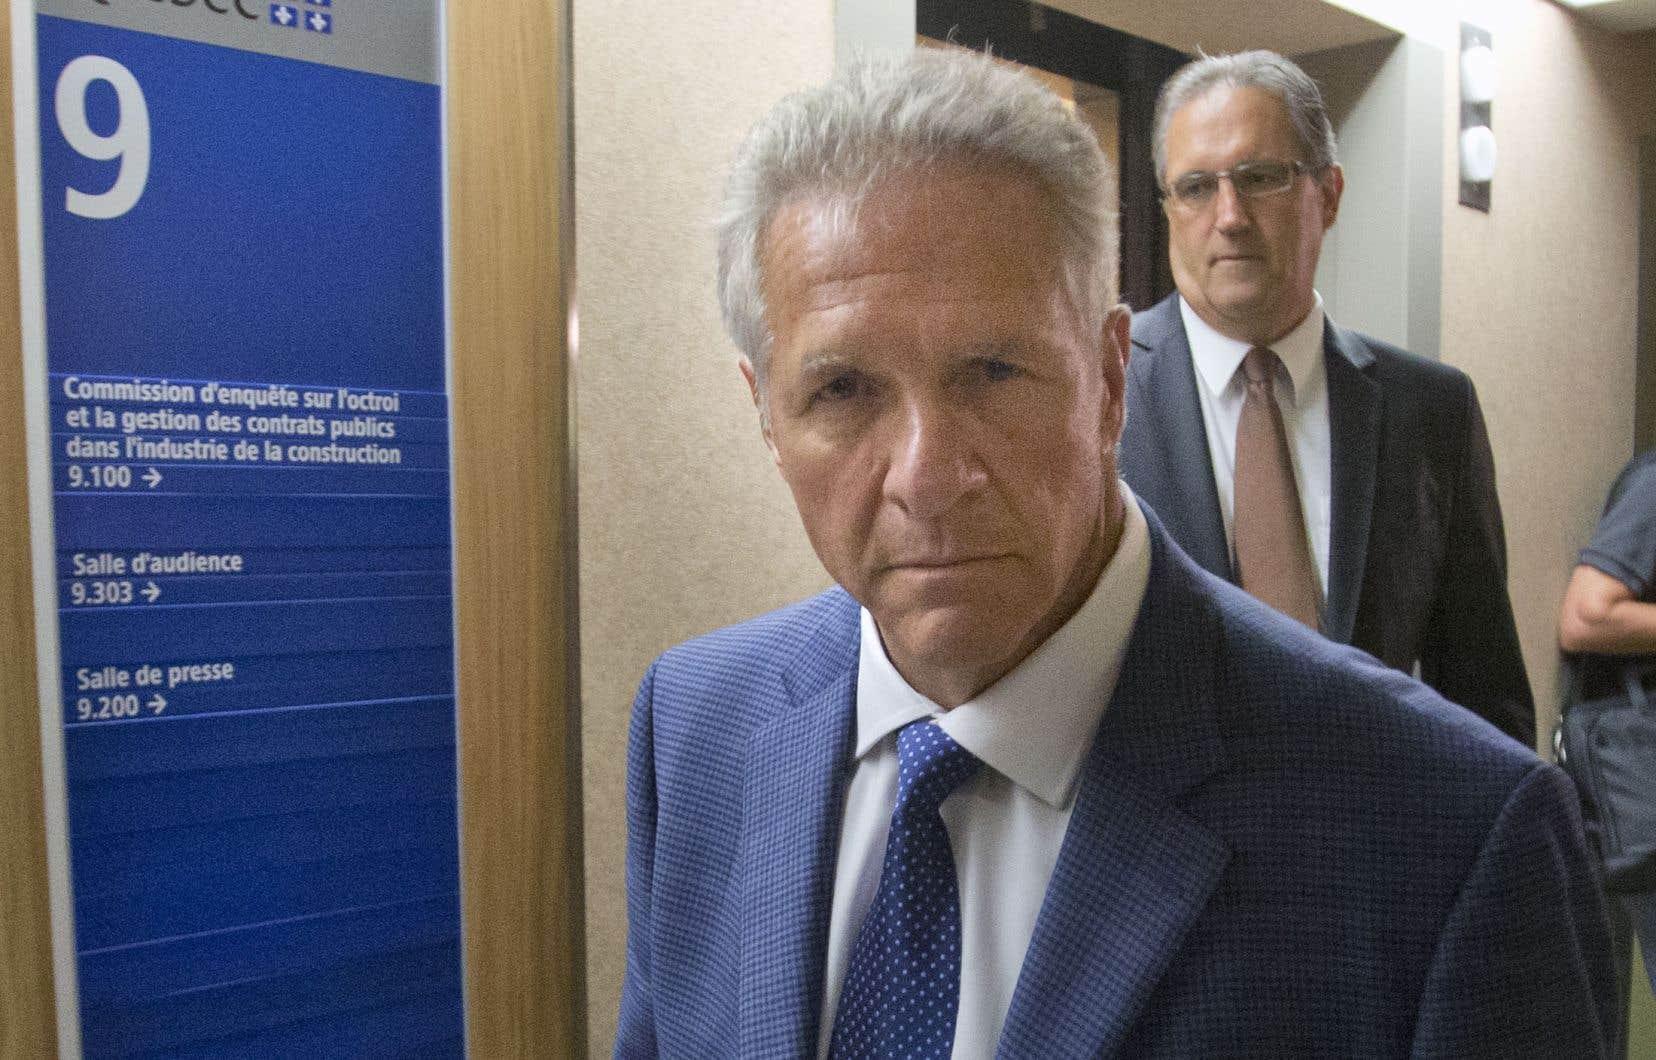 L'ex-entrepreneur en construction, Tony Accurso, a été reconnu coupable lundi d'avoir participé au système de corruption et de collusion.